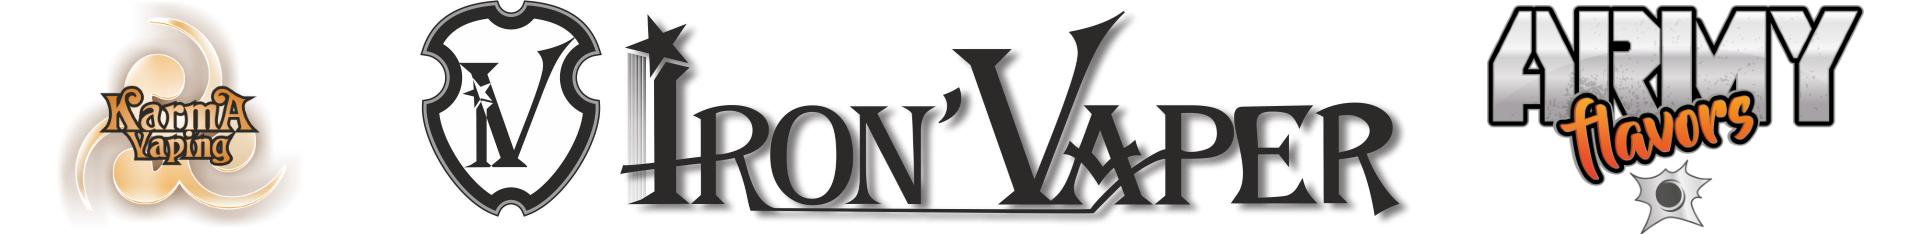 IronVaper